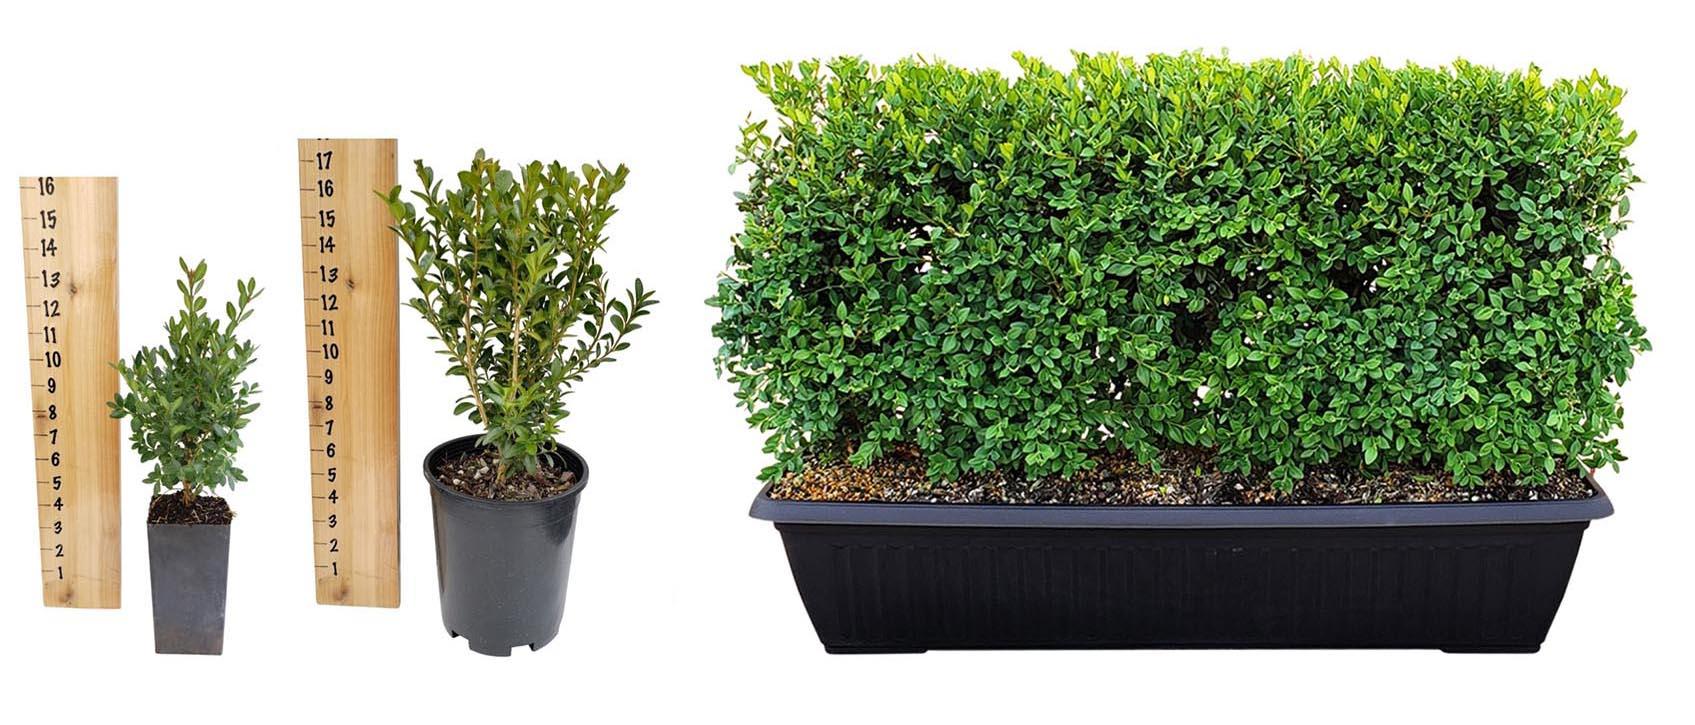 boxwood-hedge-sizes